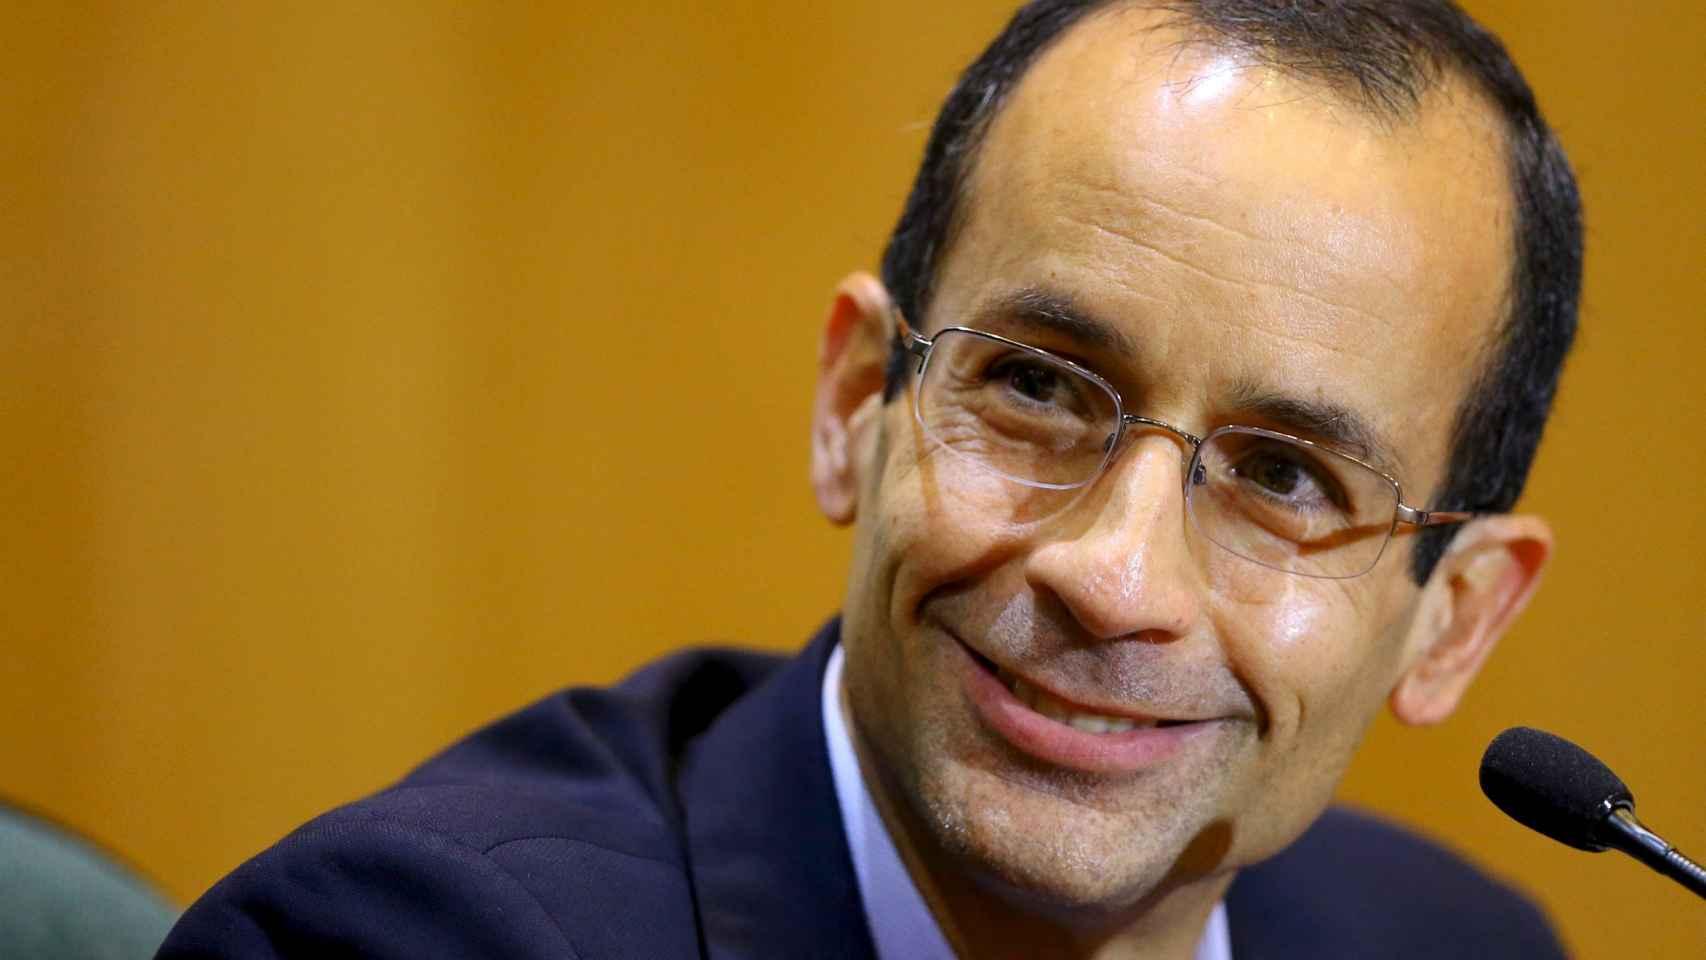 Marcelo Odebrecht ha sido condenado a 19 años de prisión por corrupción.